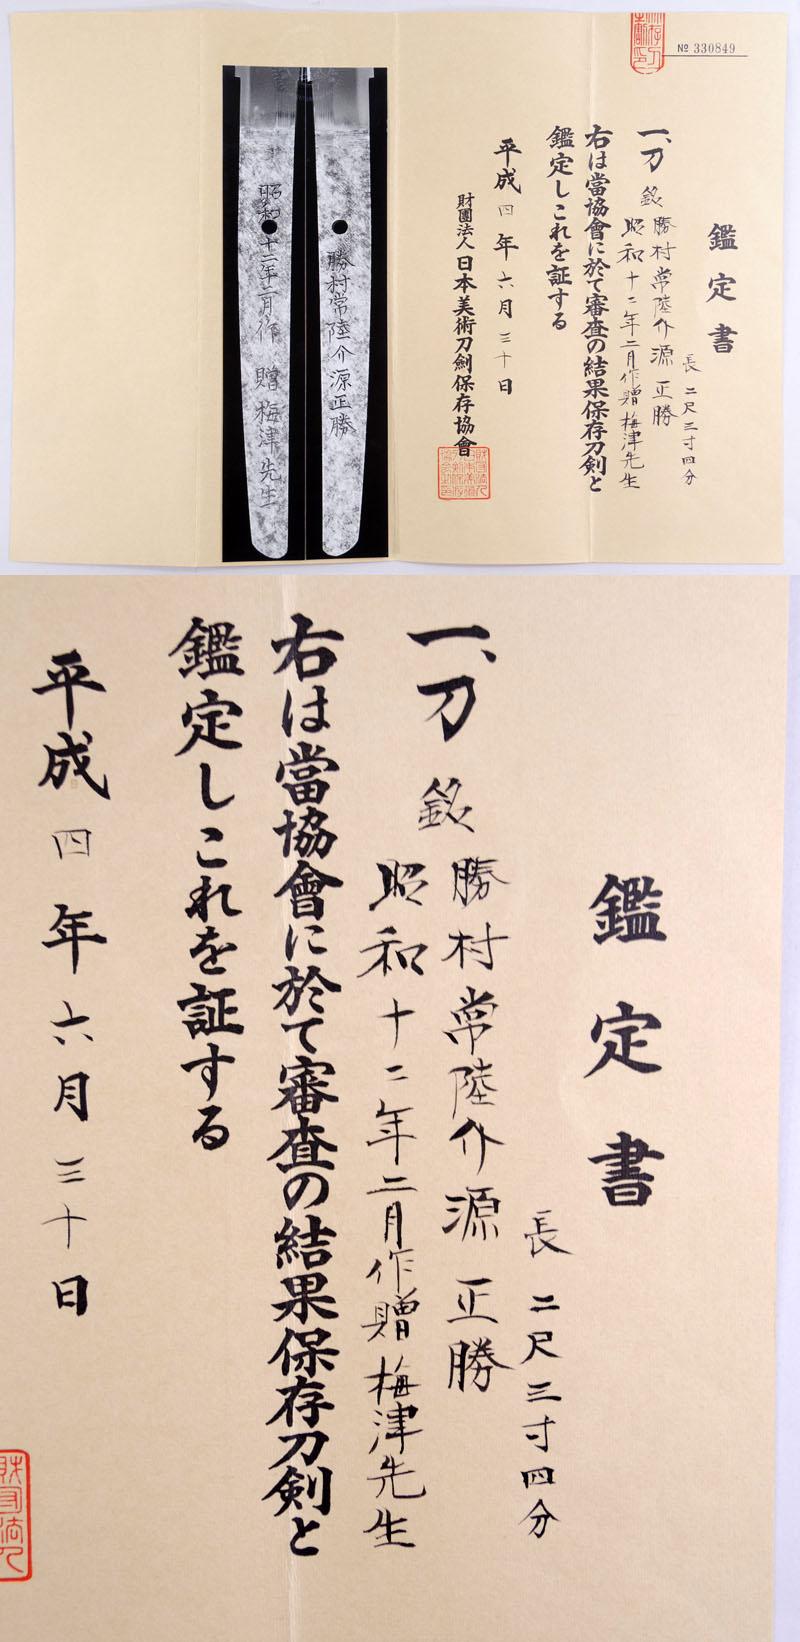 勝村常陸介源正勝 Picture of Certificate